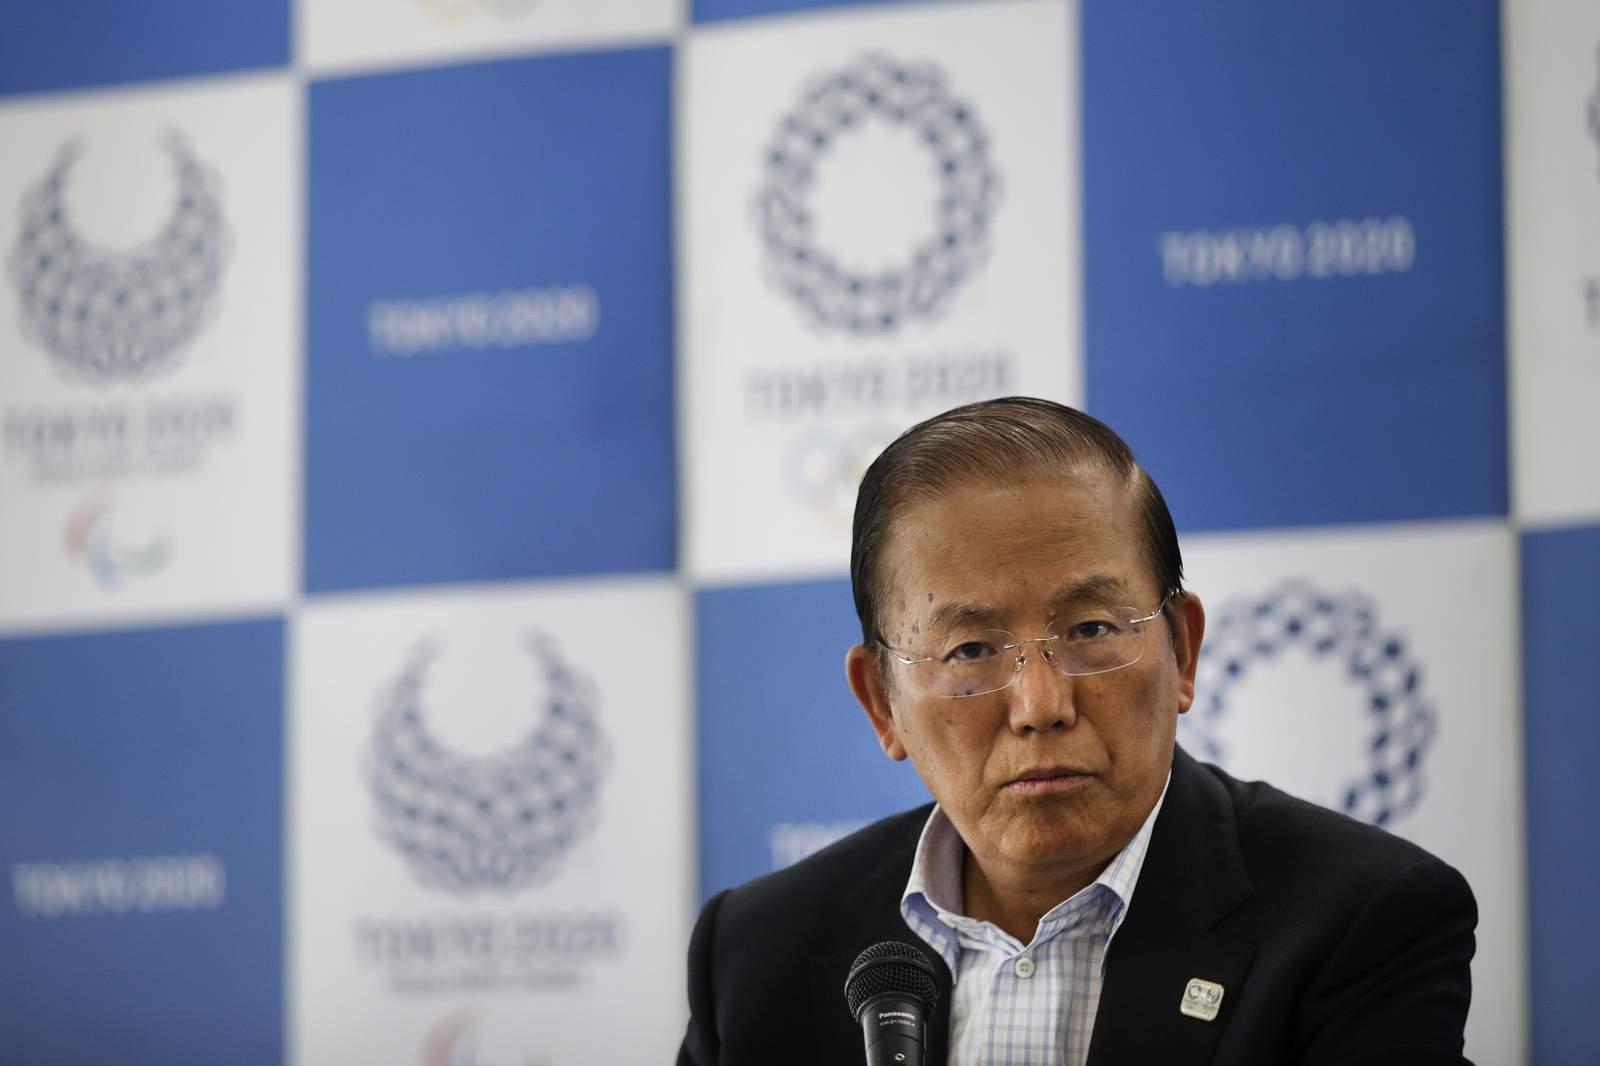 El CEO de Tokio Olympic insinúa que los juegos podrían estar en duda incluso en 2021 38